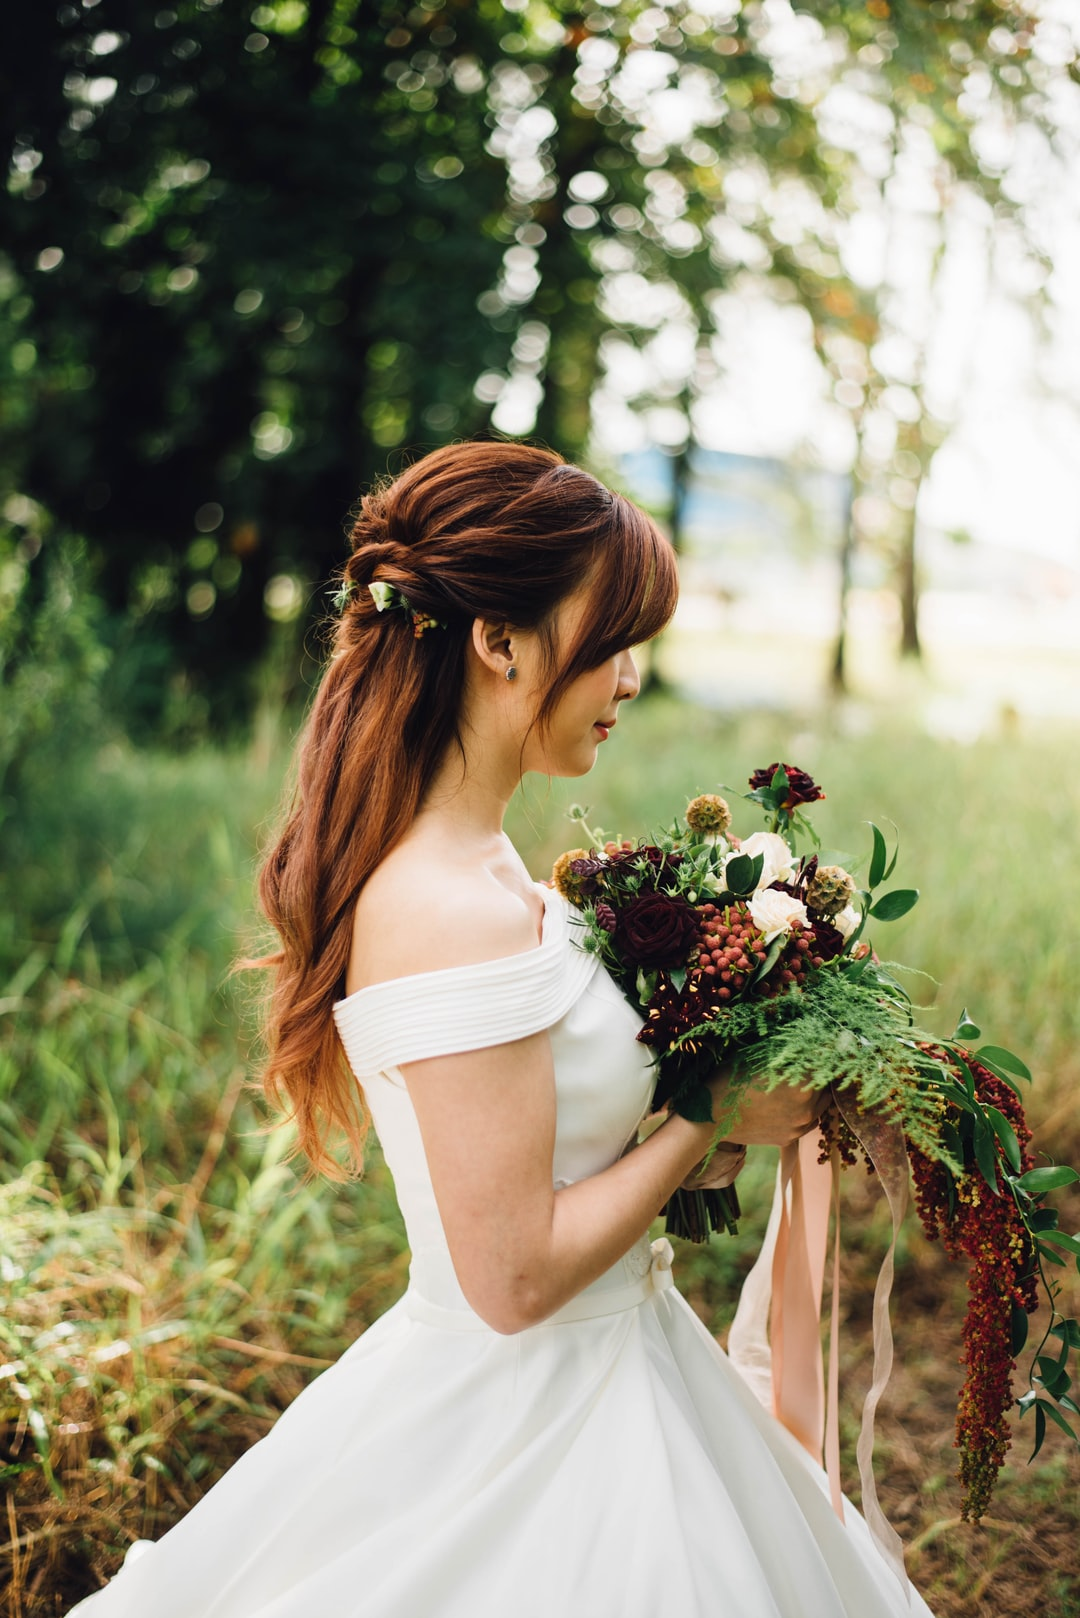 Bride with a diverse bouquet